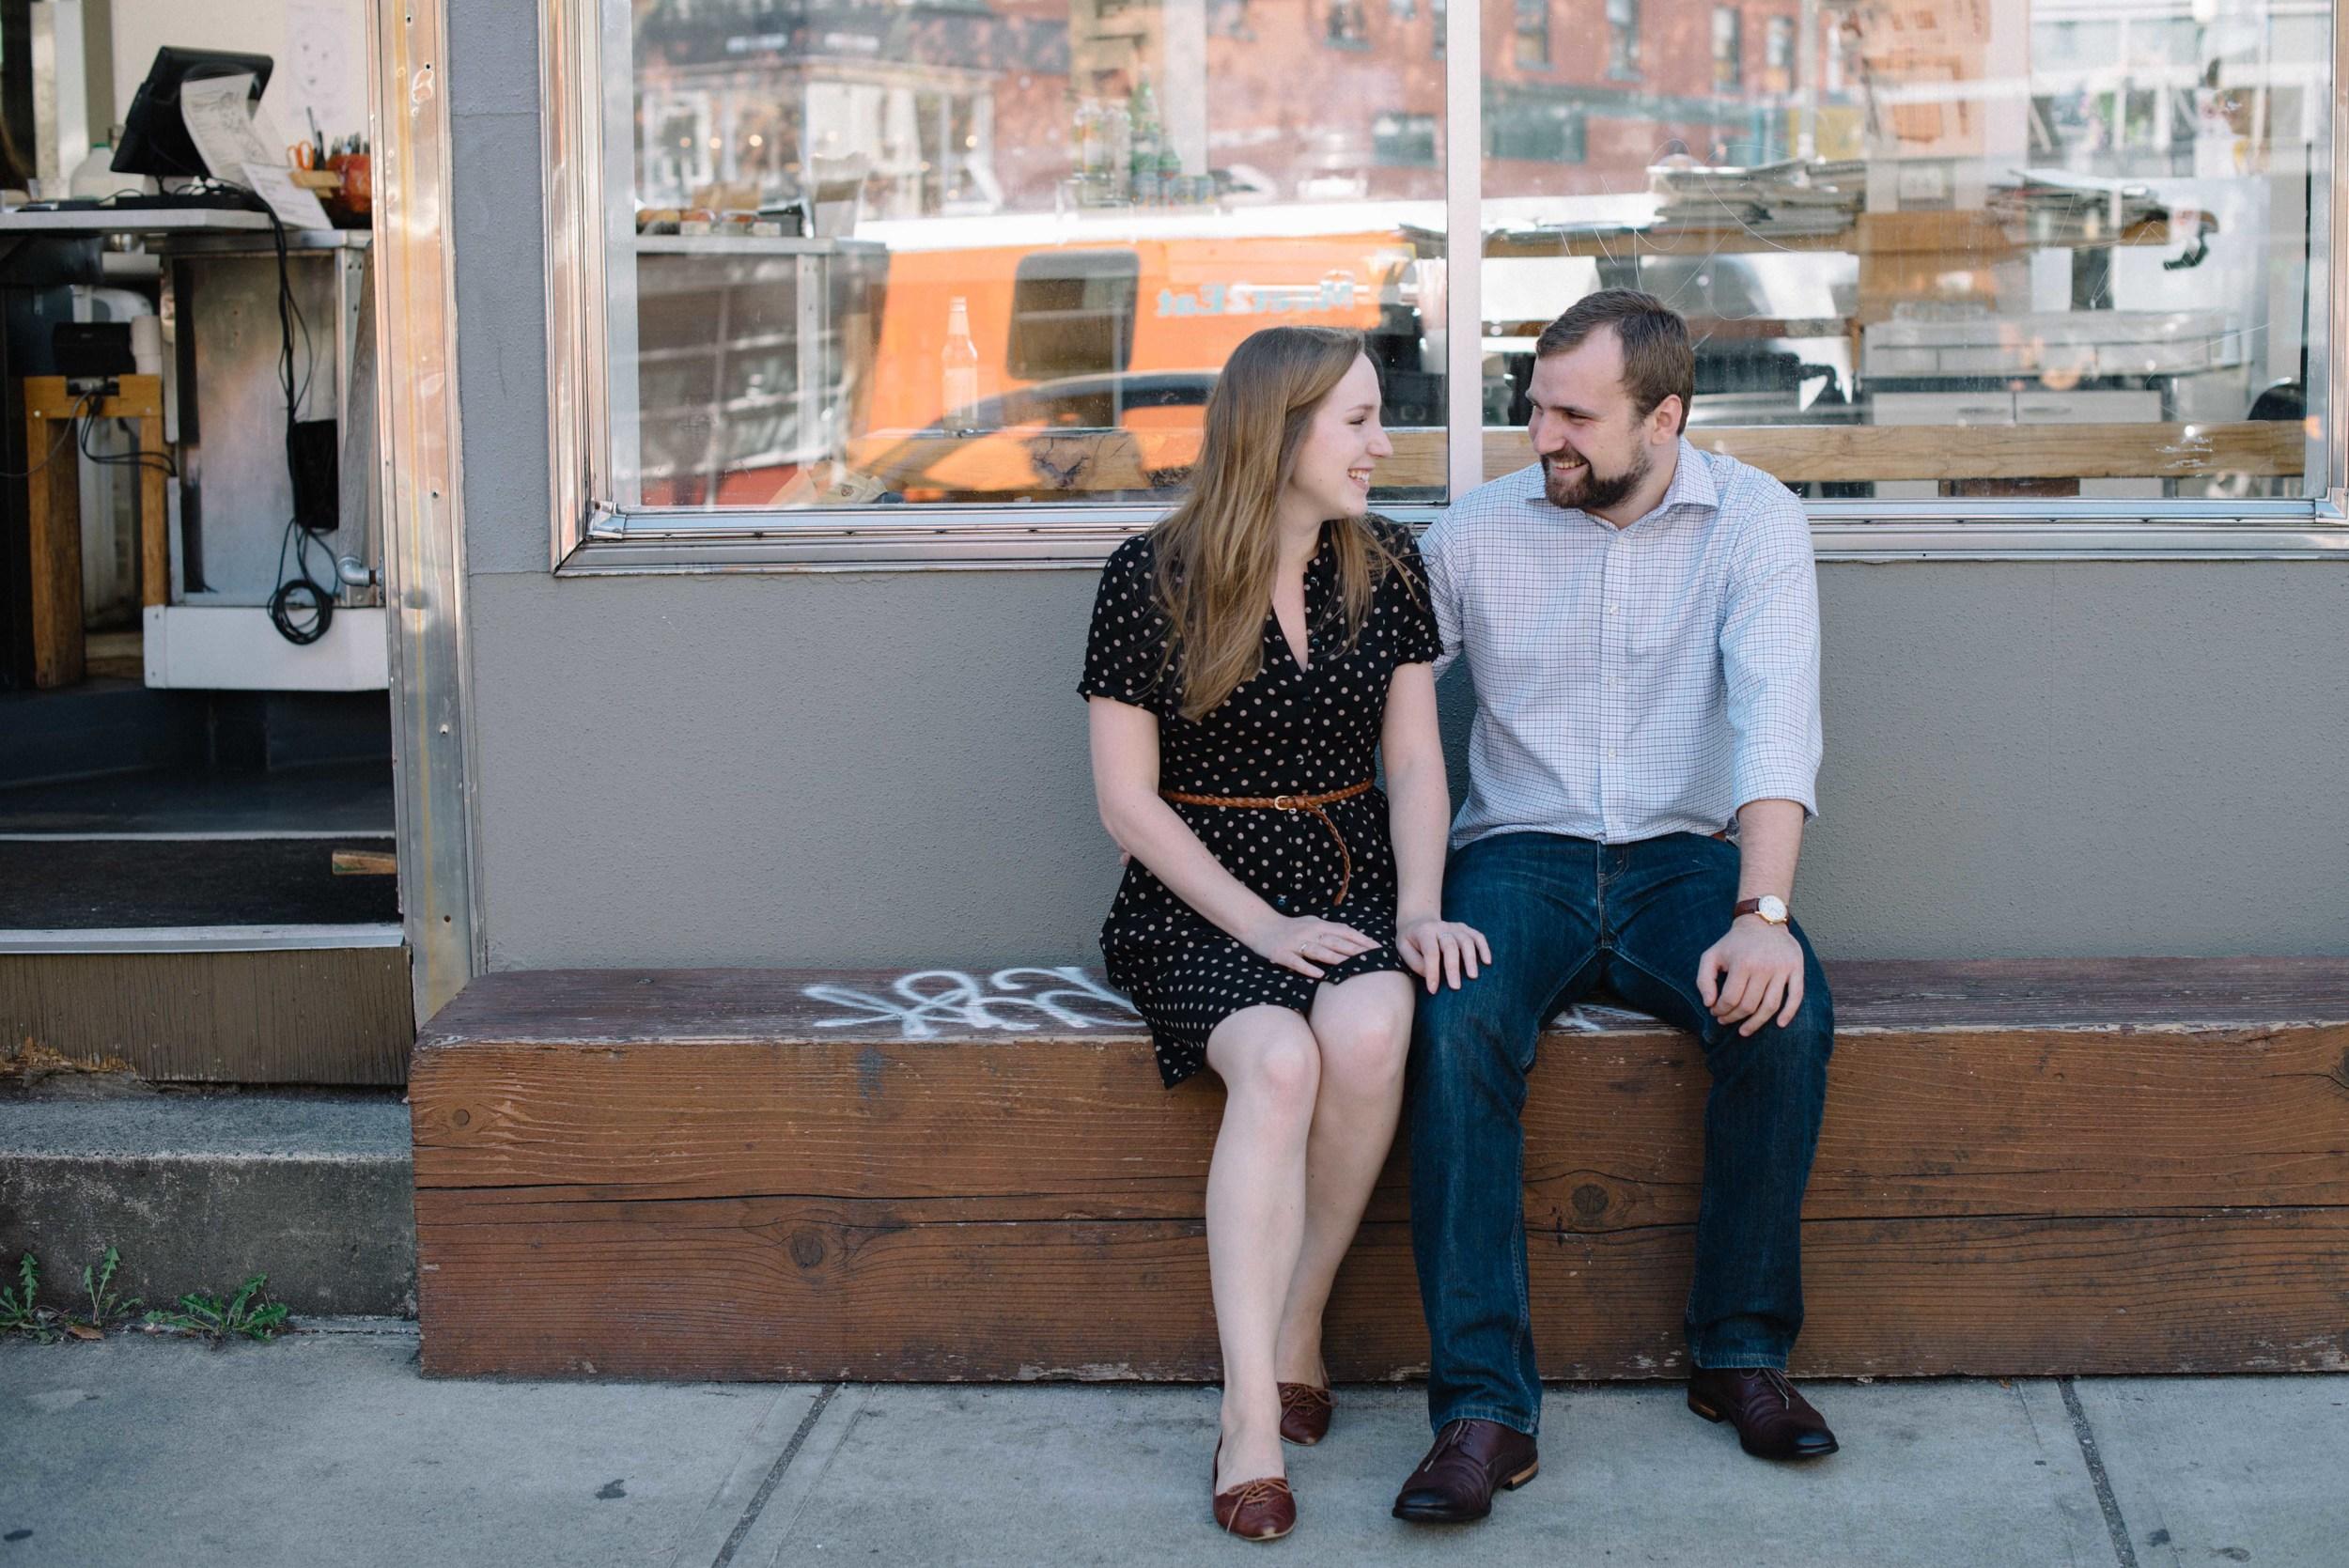 Marisa & Eike_Couples Photography_East Van_Vancouver Photography_Katie Powell Photography_-1.jpg